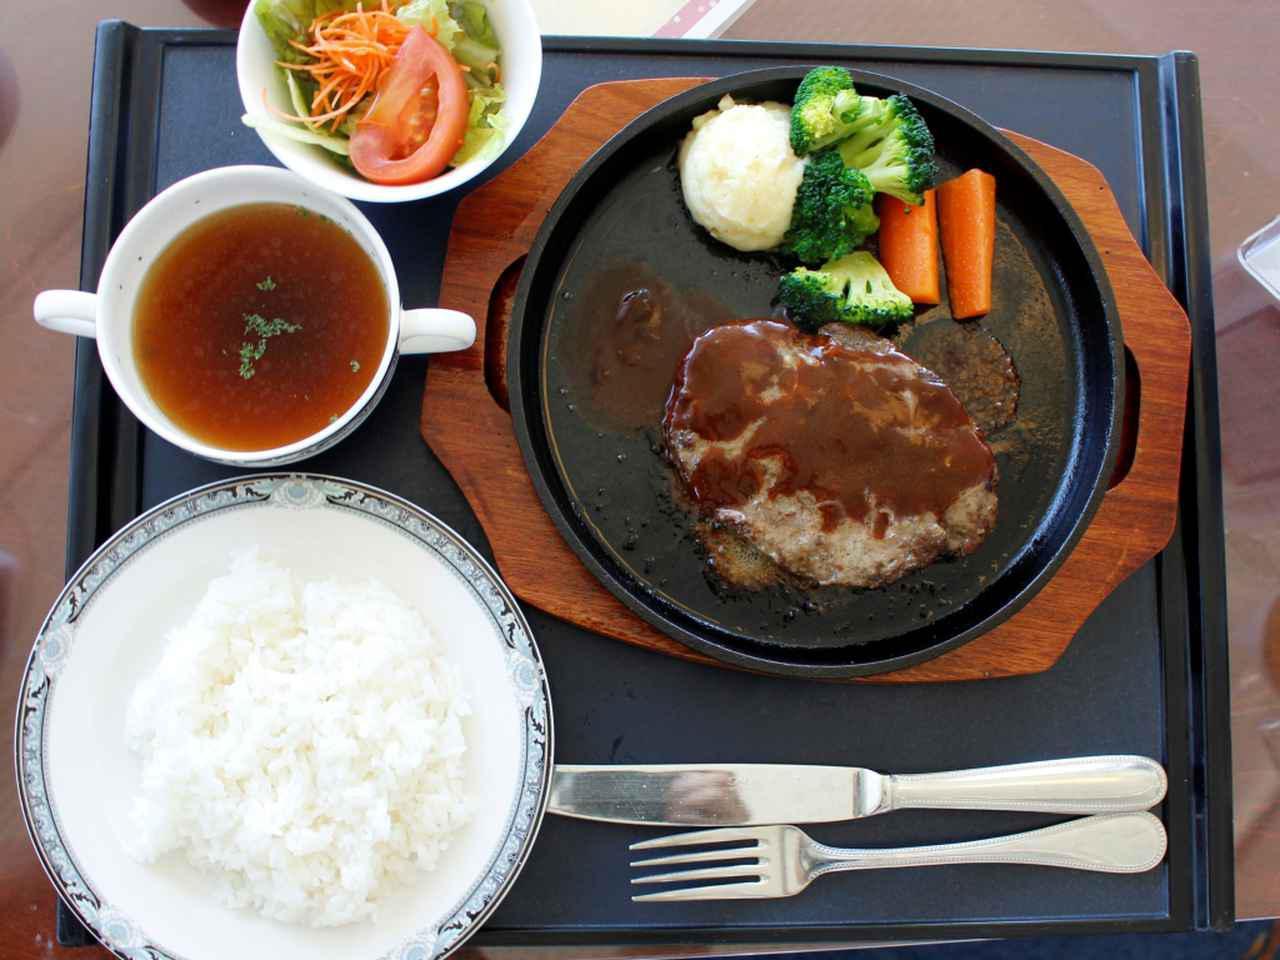 画像: 粗挽きハンバーグ(2255円)熱々鉄板でジュージュー美味しい! 粗挽き肉を贅沢に使いデミグラスソースで食べ る粗挽きハンバーグが人気